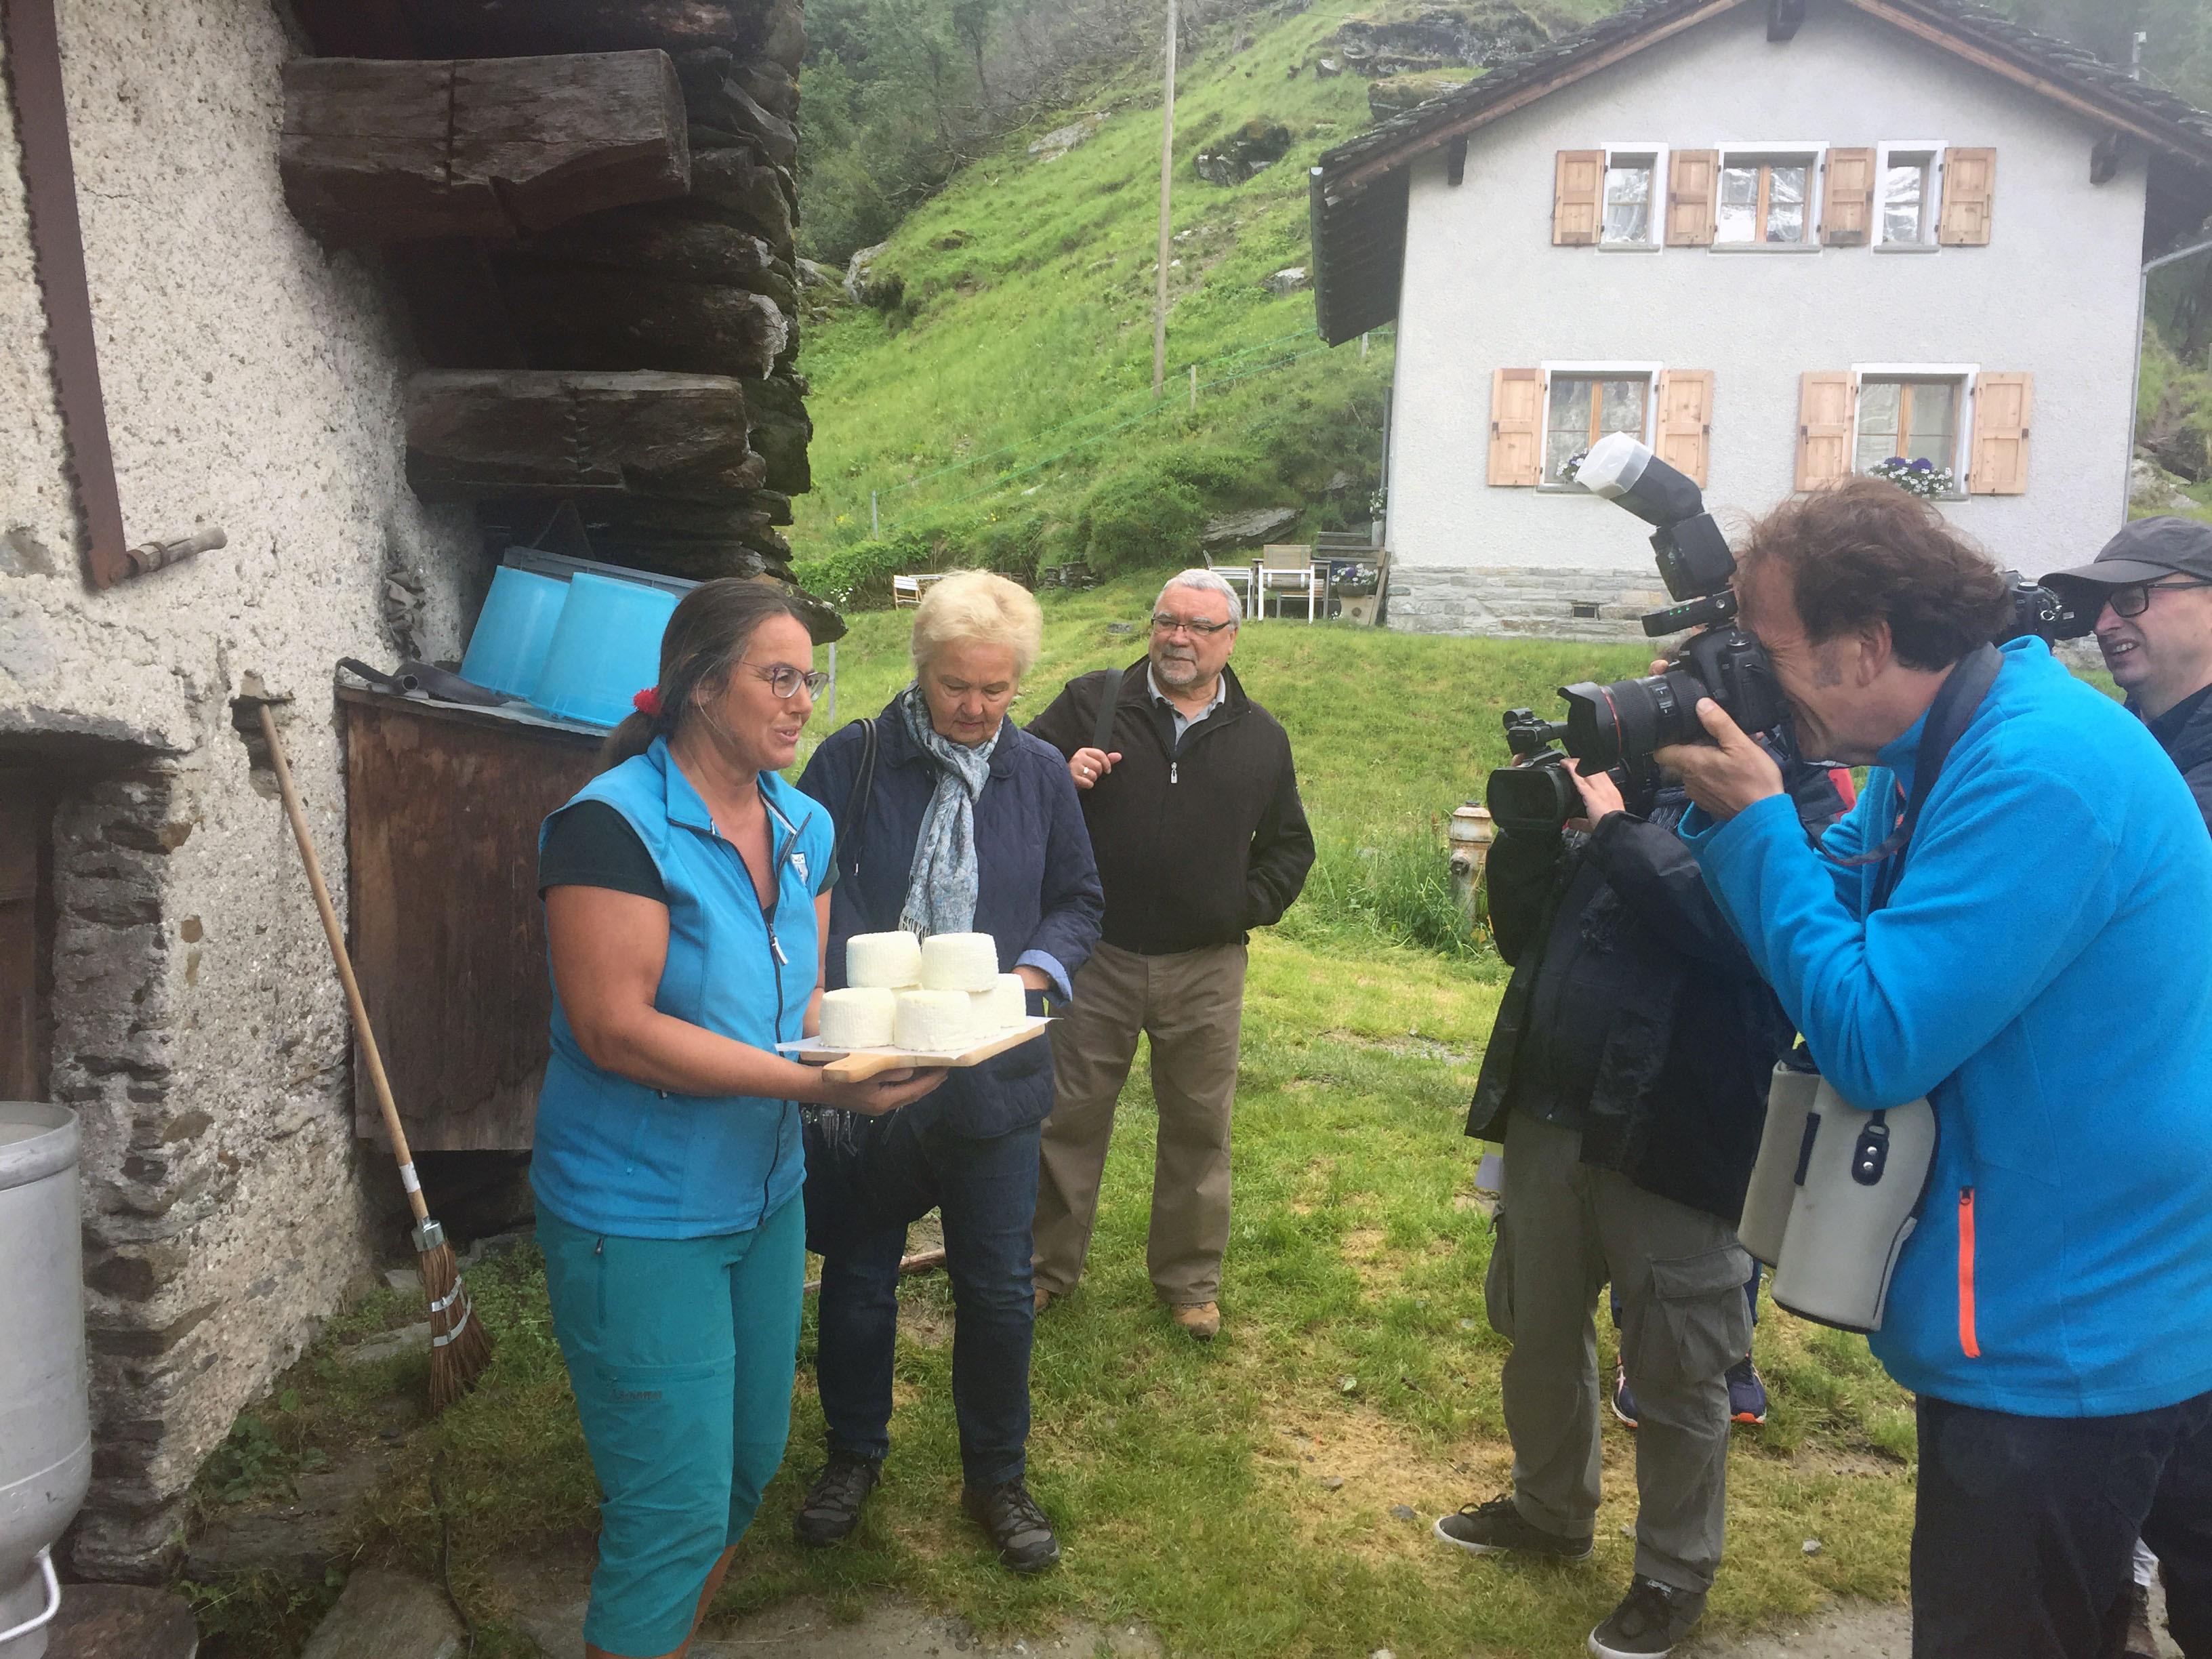 Das Oberengadin begeistert Medienschaffende aus Deutschland Slide 1